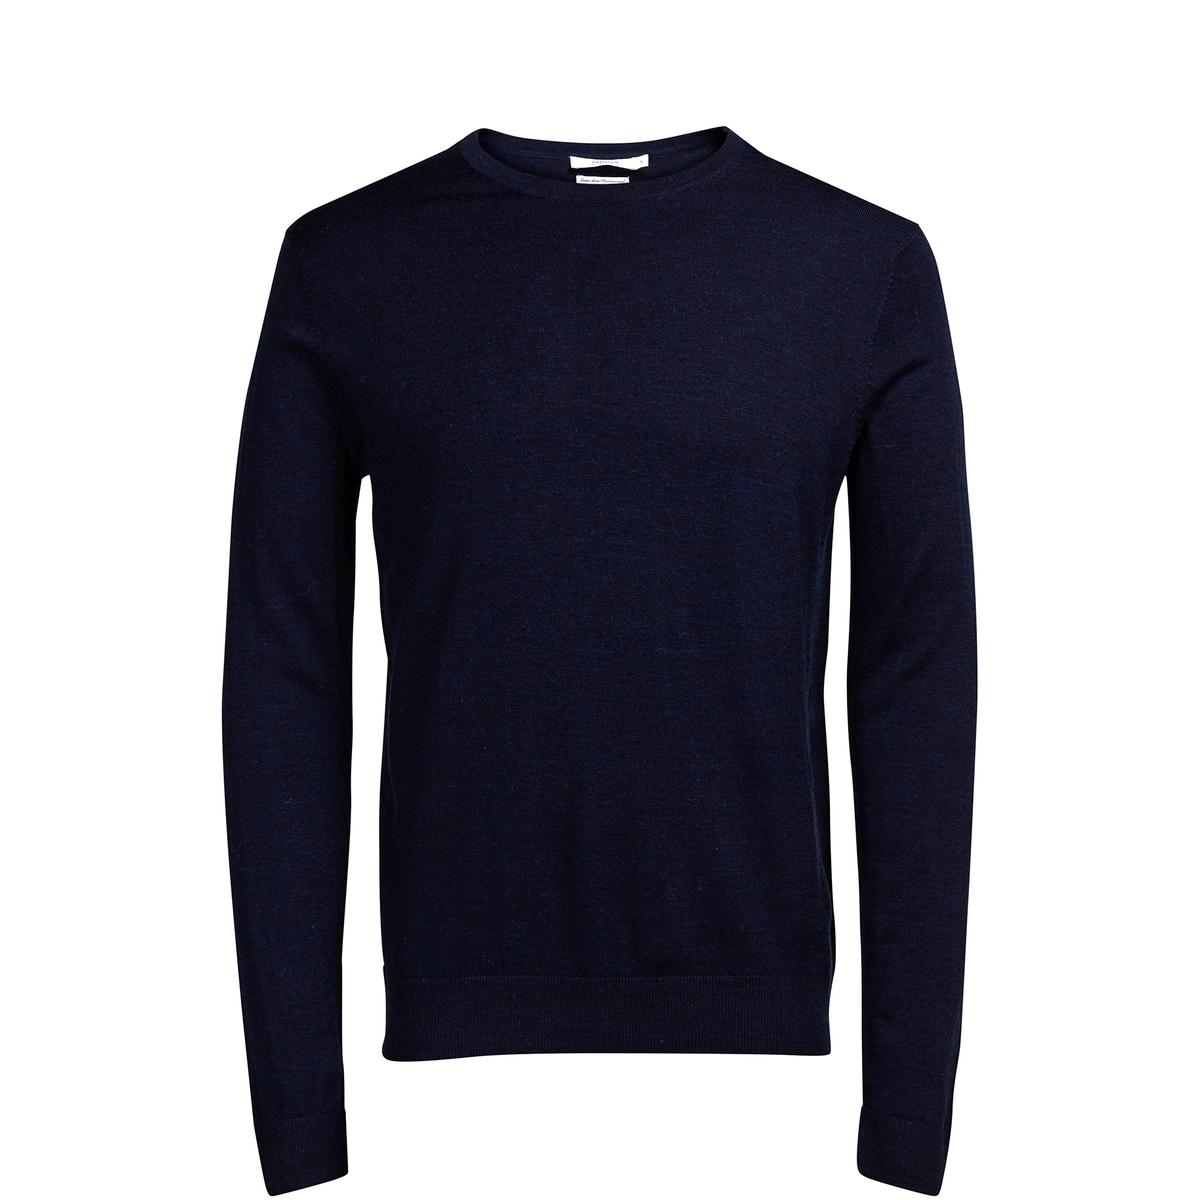 Пуловер с круглым воротником, 100% шерсти мериноса